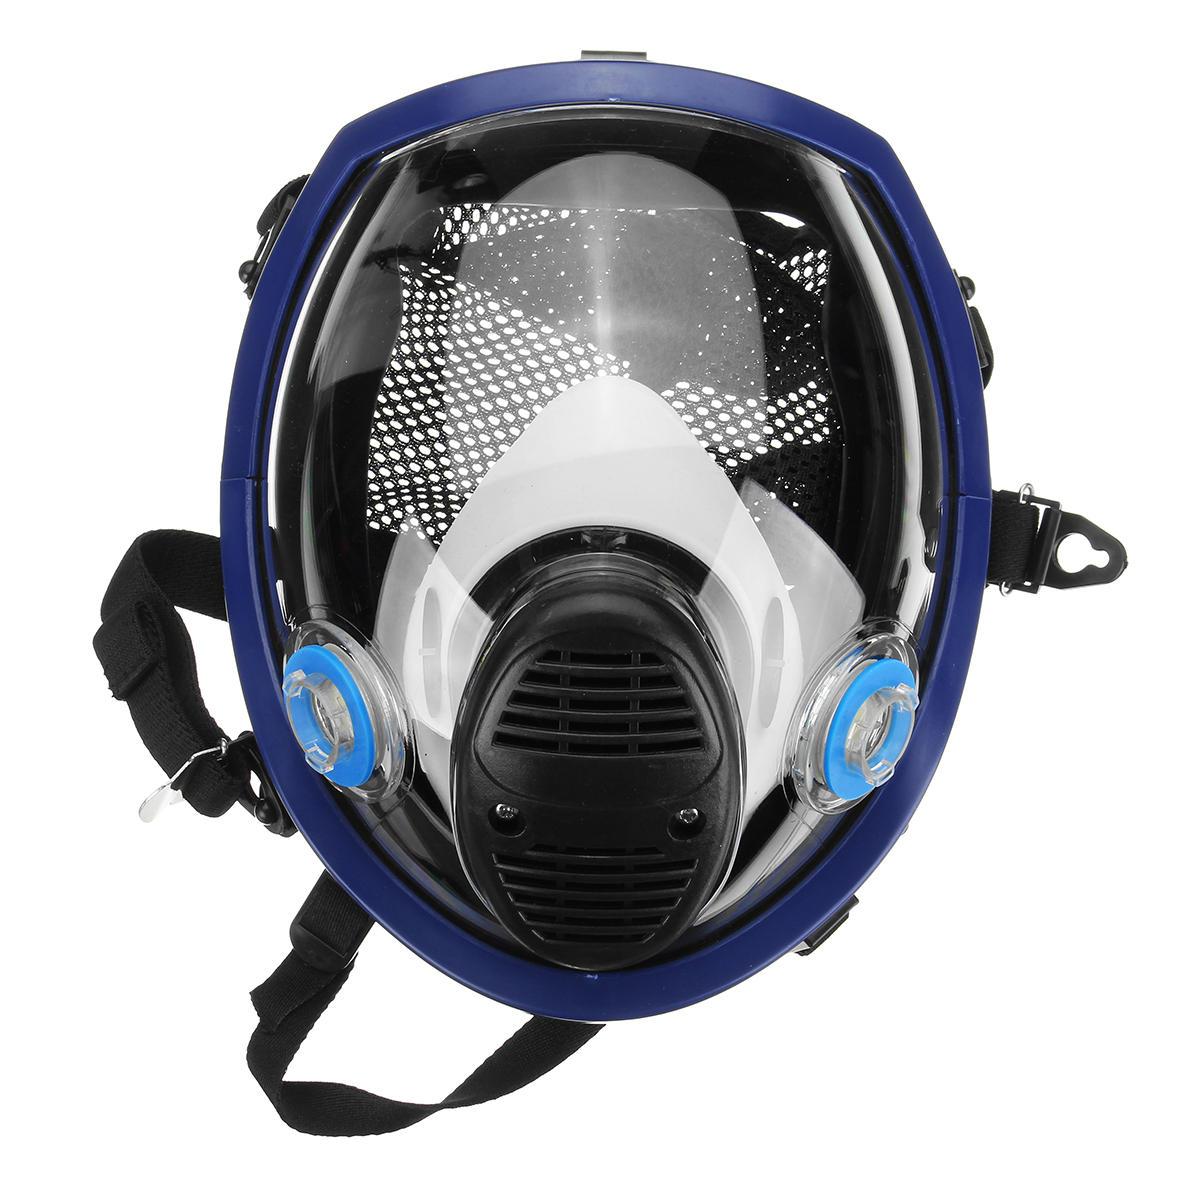 Анти туман электрическая маска + 2 шт фильтр бумага pm2.5 формальдегид активированный уголь пыль запах вторичного дыма Воздухопроницаемый - 2